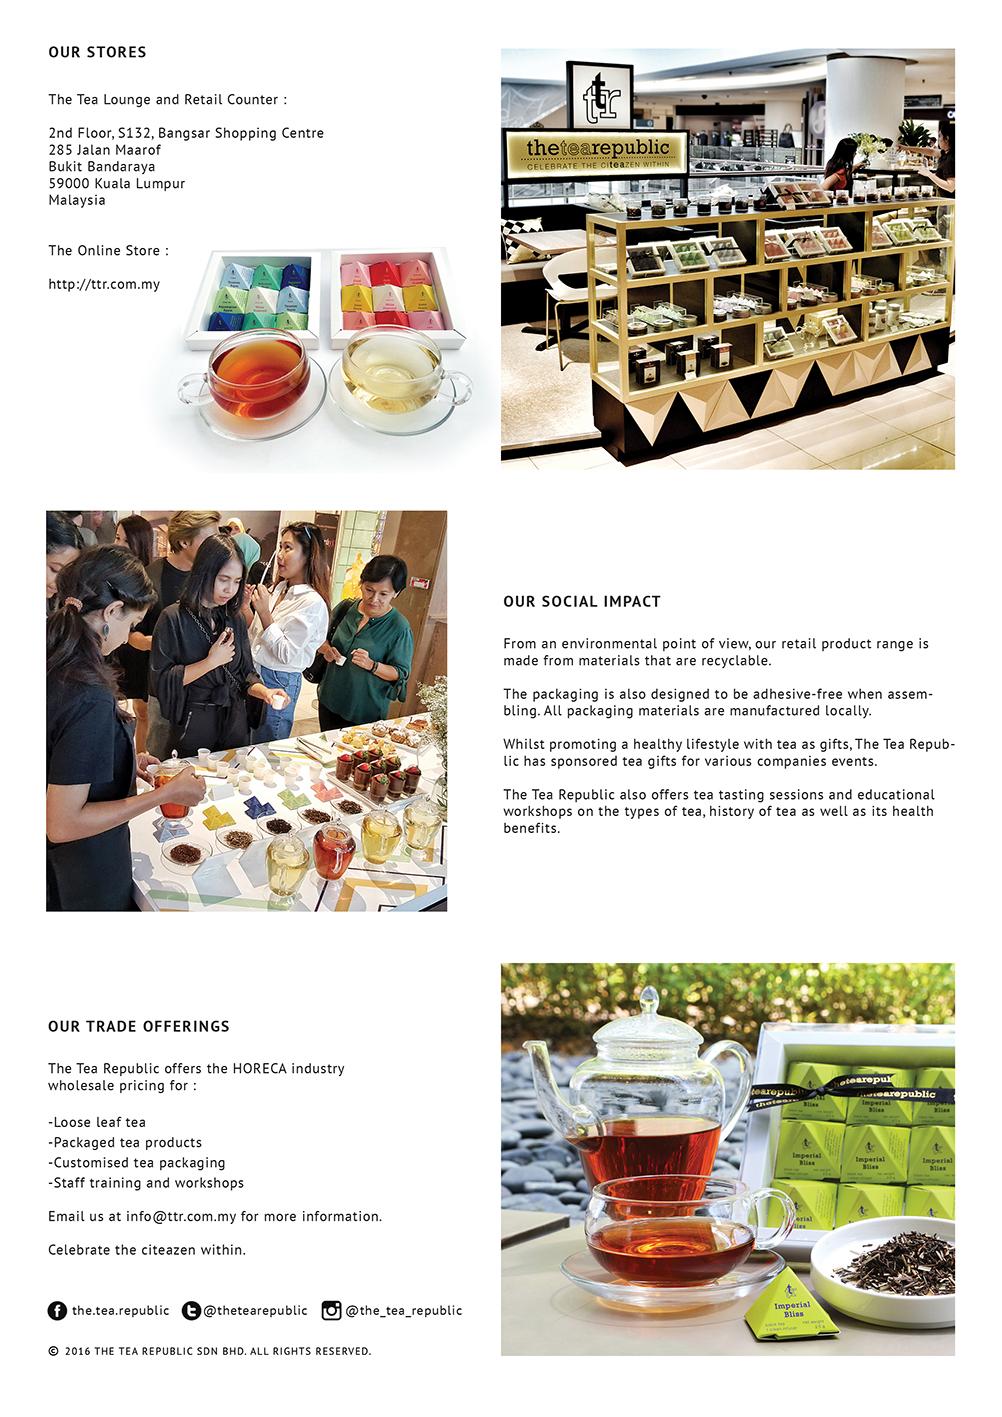 ttr-company-profile_02